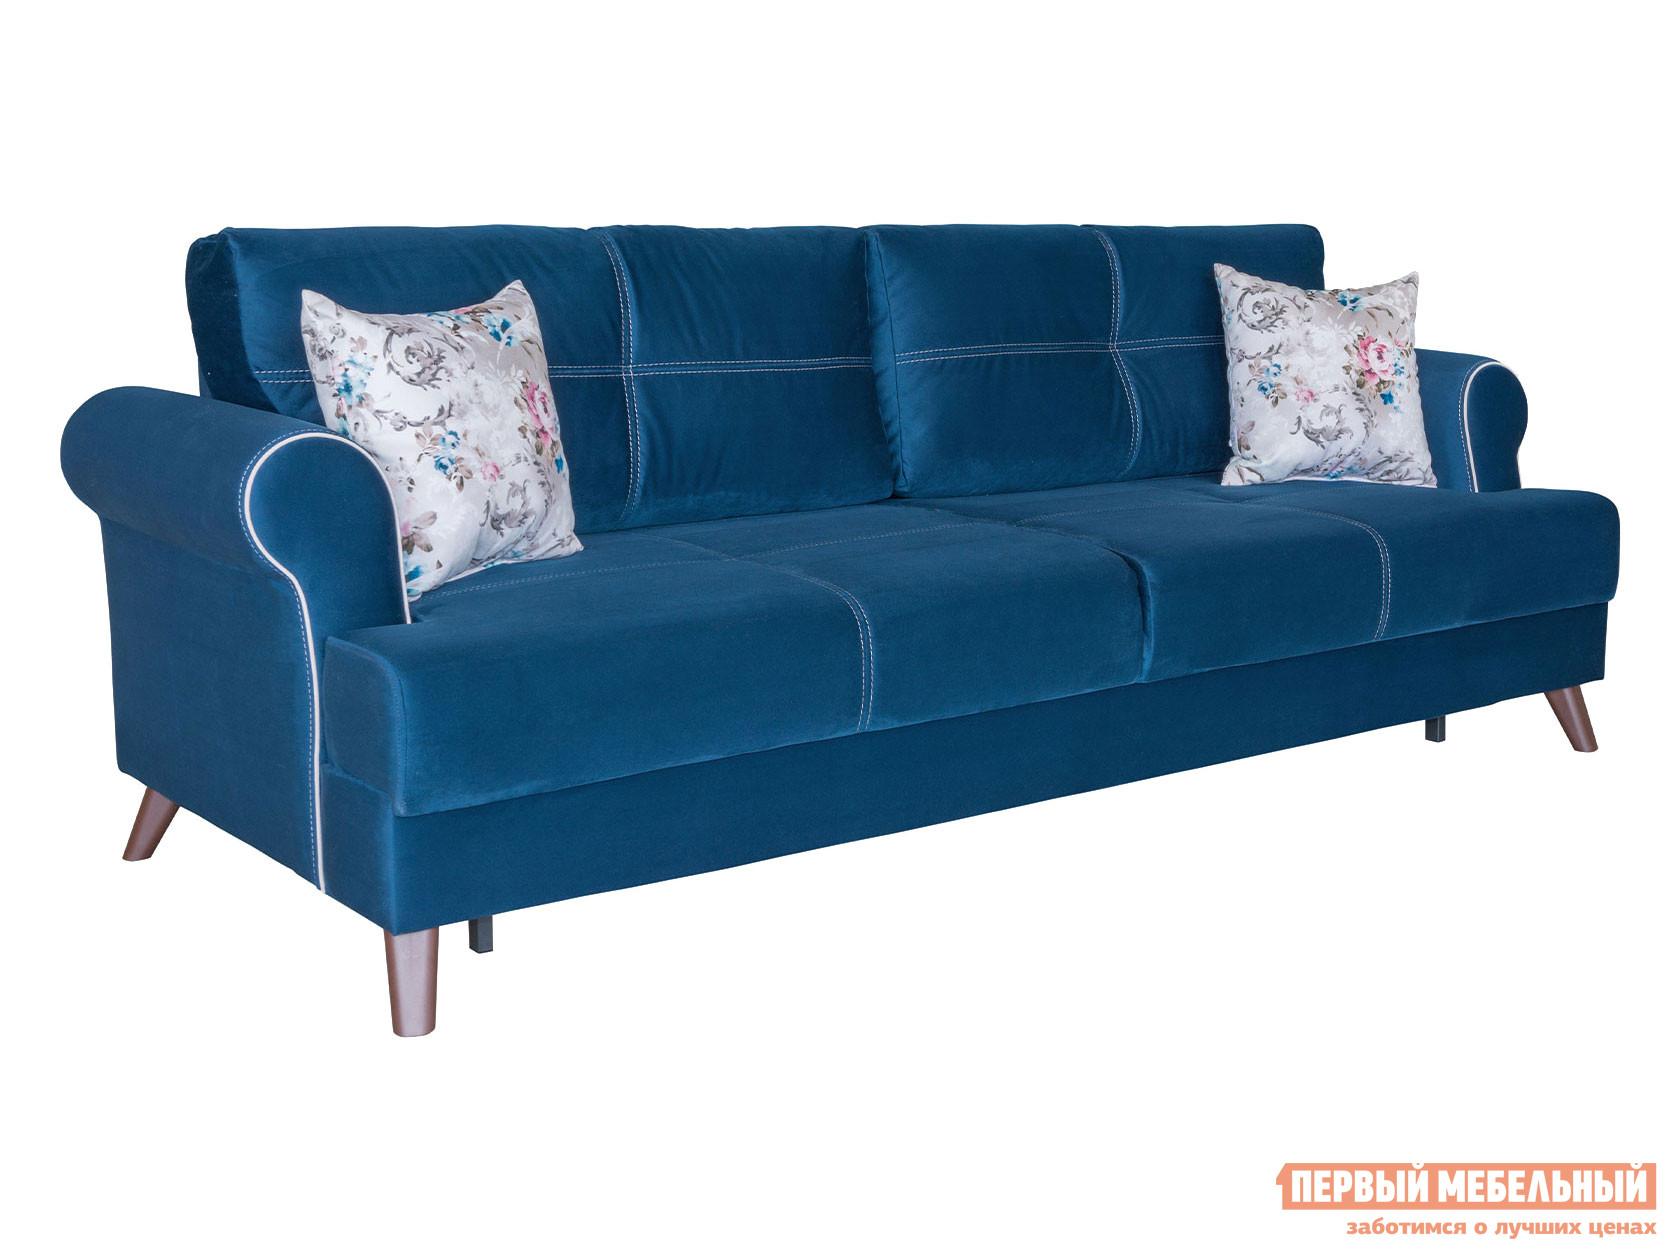 Прямой диван Первый Мебельный Диван Мирта